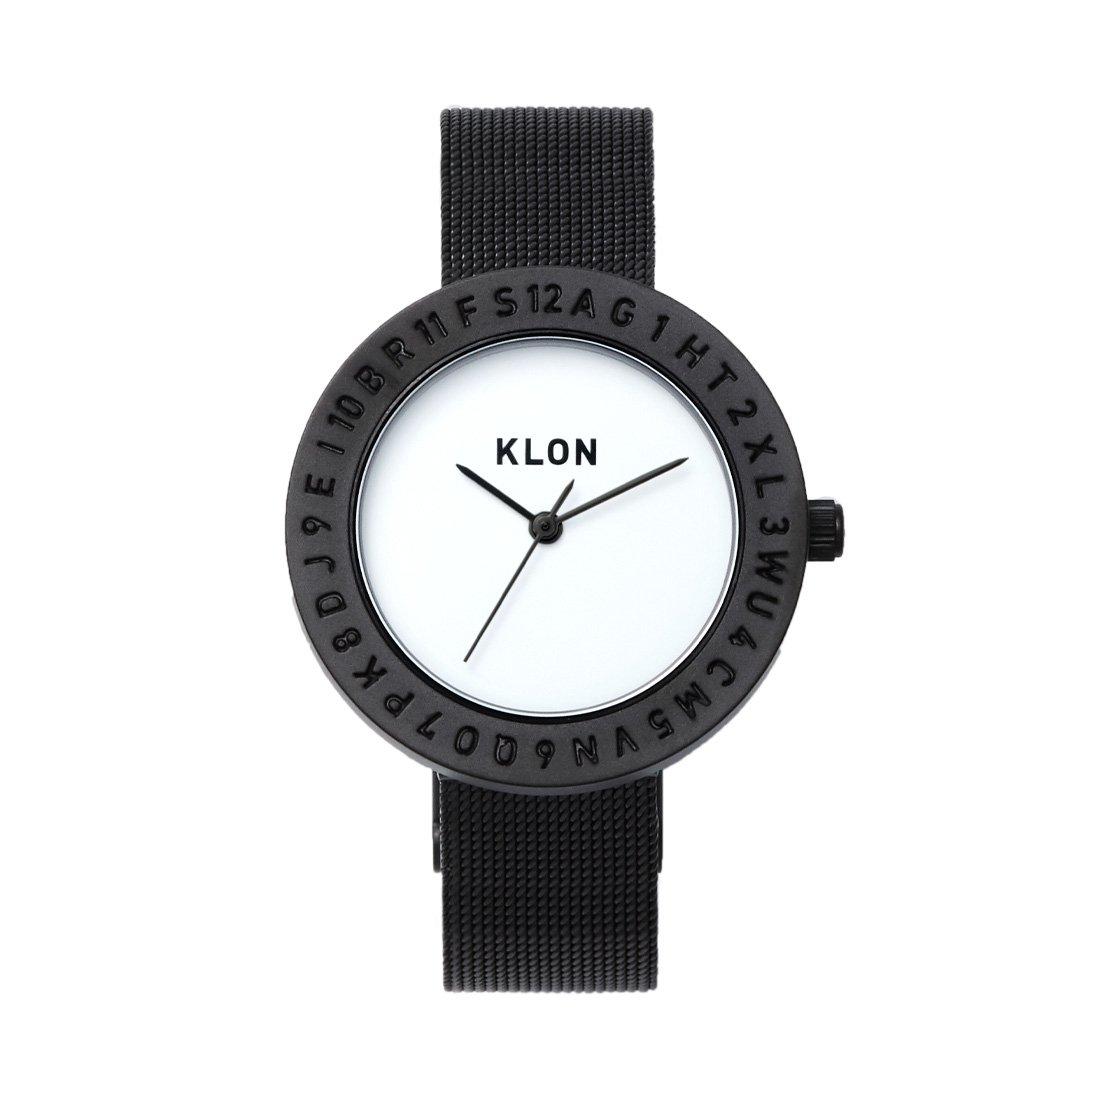 KLON ENGRAVE TIME -BLACK MESH- 33mm